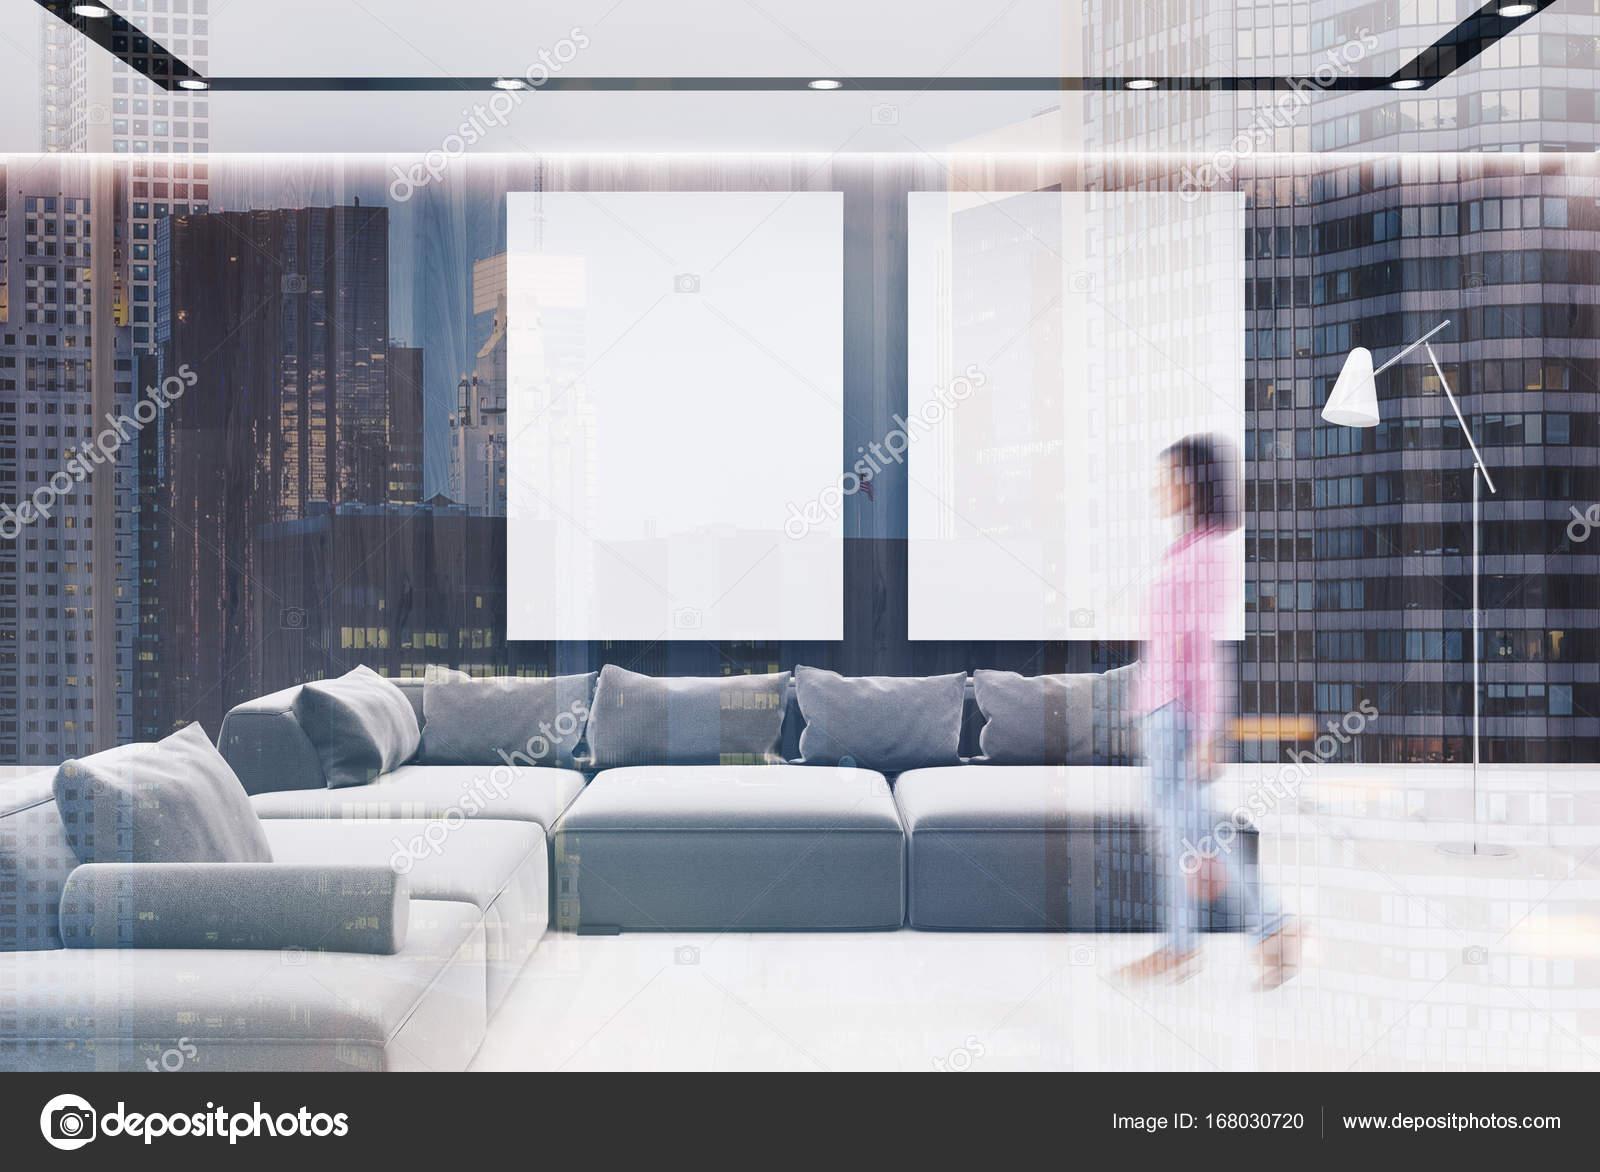 Wohnzimmer Innenraum Schwarz Grau Sofa Mädchen Doppel Stockfoto